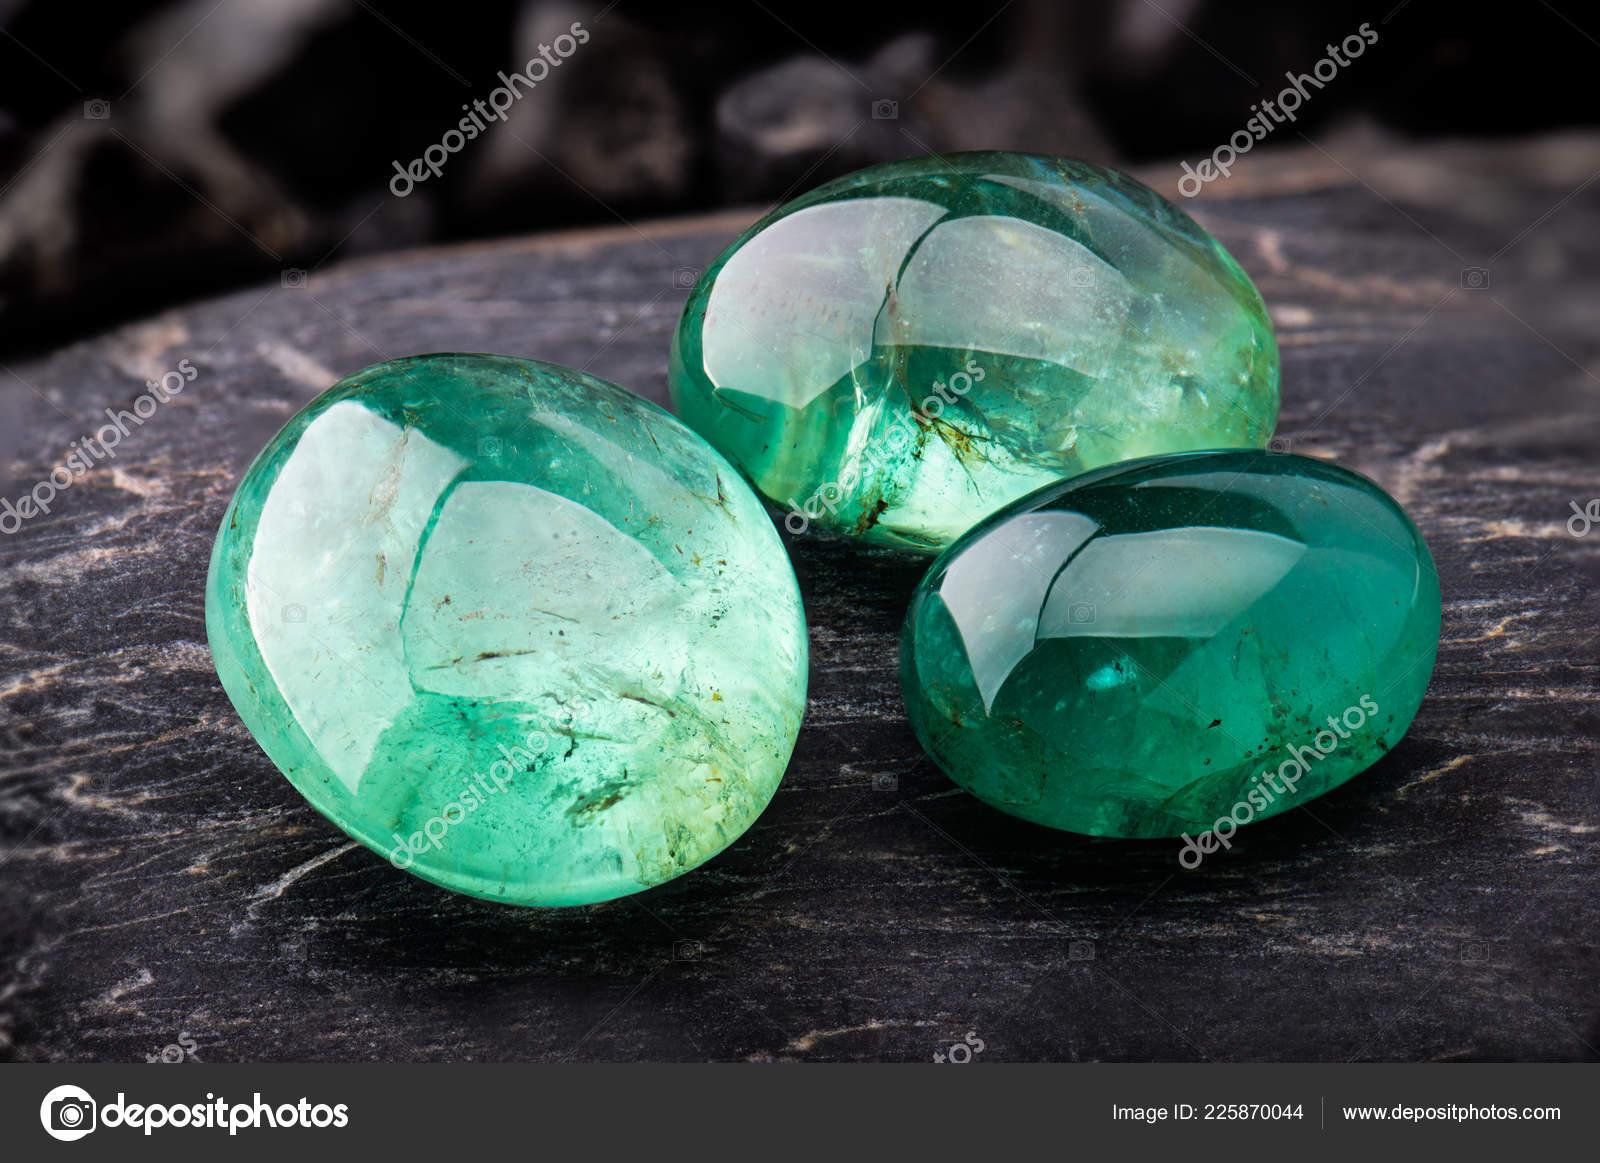 Foto gemma smeraldo gioielli con pietre nere scure illuminazione